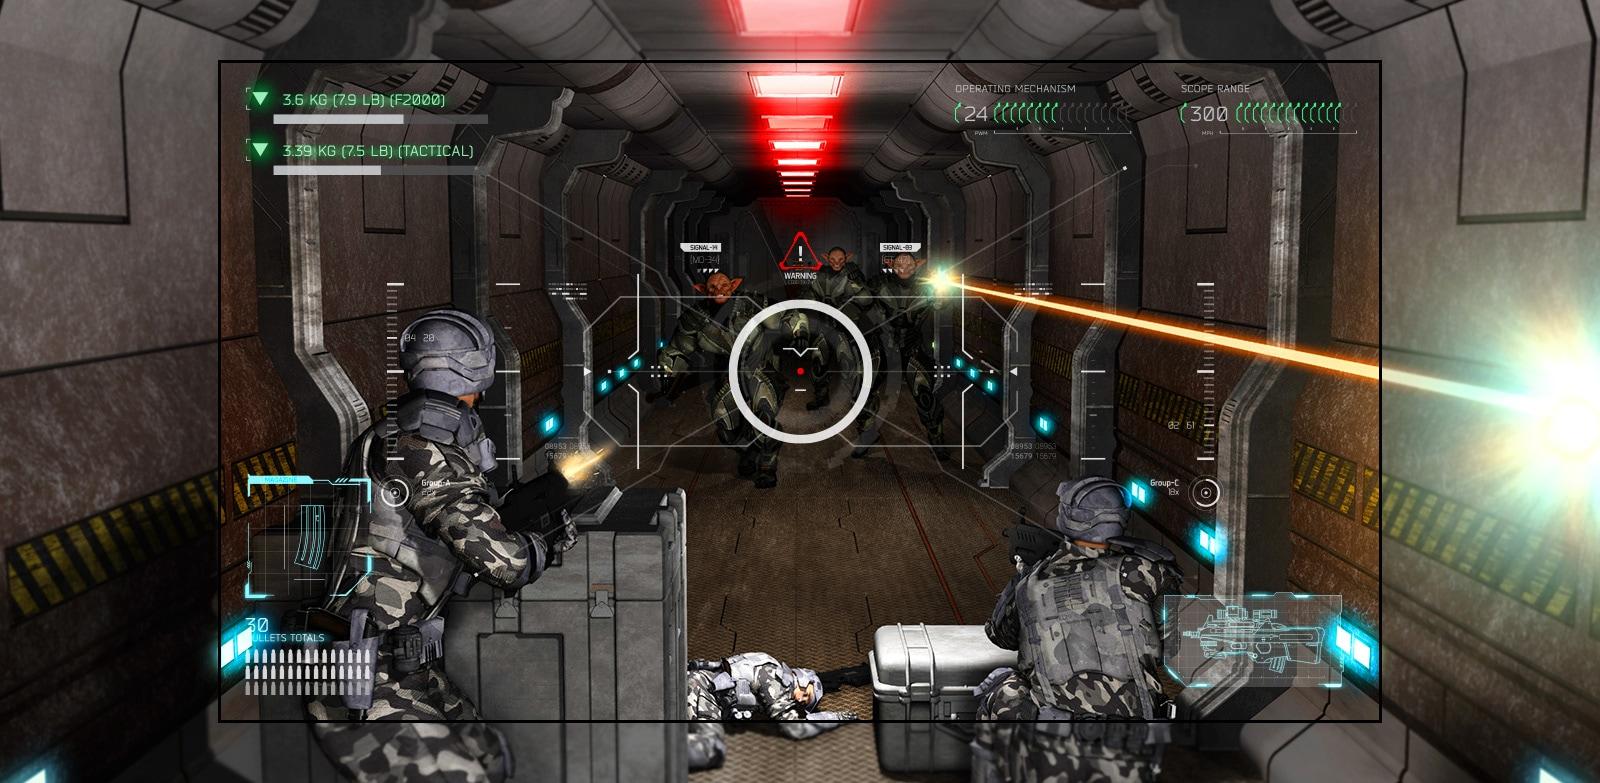 TV que muestra una escena de un juego de disparos donde el jugador es dominado por extraterrestres con armas de fuego.